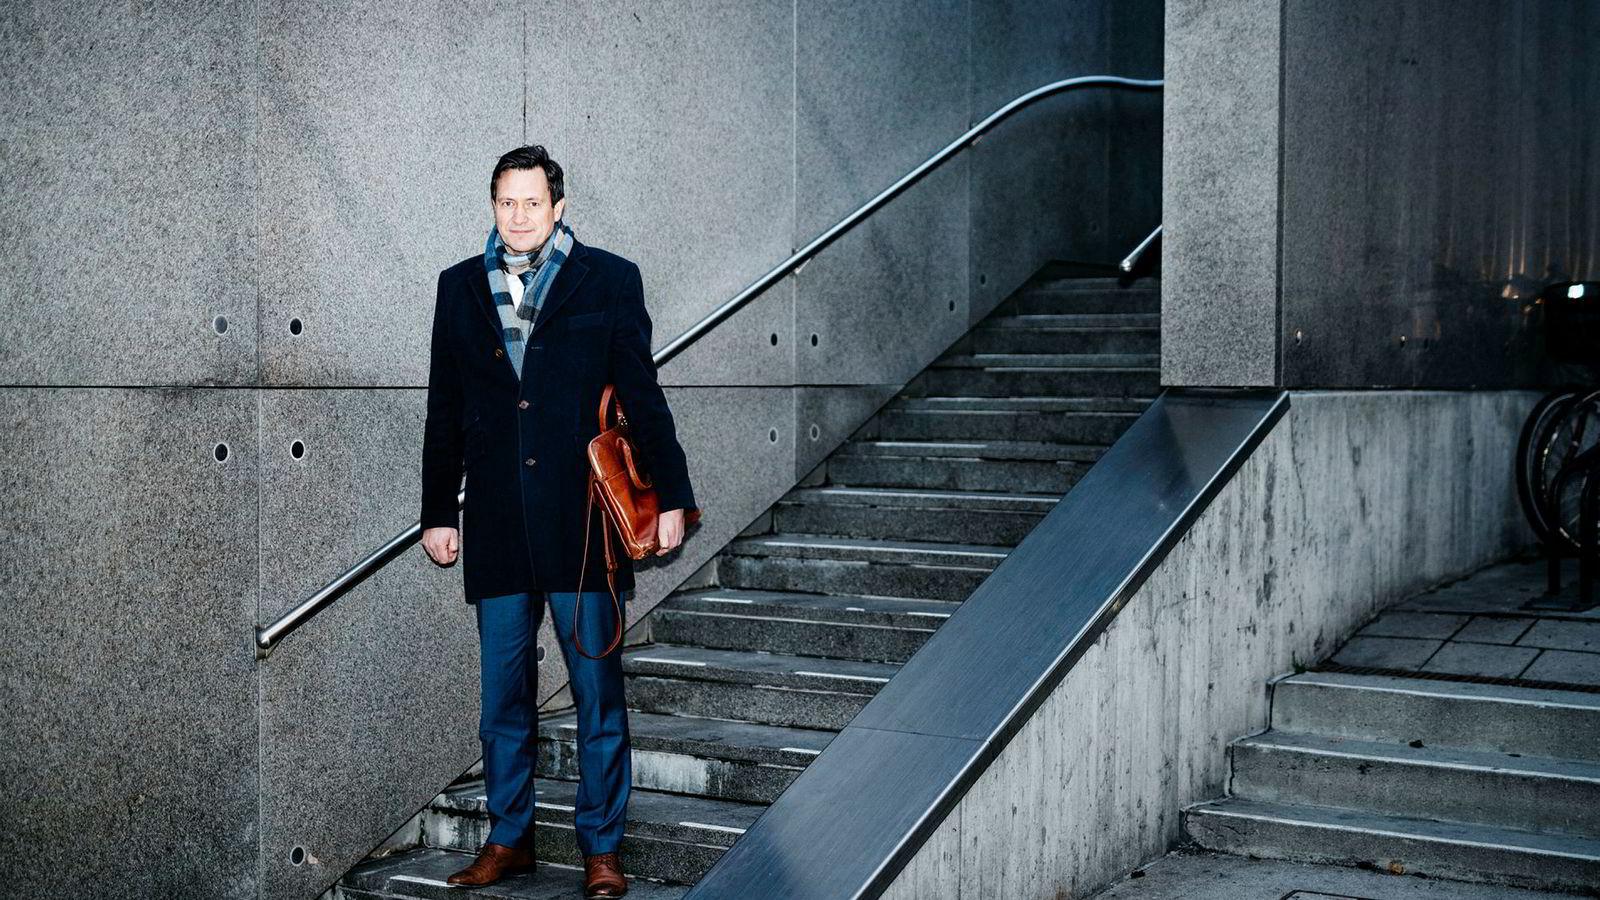 Administrerende direktør Bent Gjendem i Monobank reagerer kraftig på Bank Norwegians siste grep før rettssaken, som begynner i neste uke i Asker og Bærum tingrett.